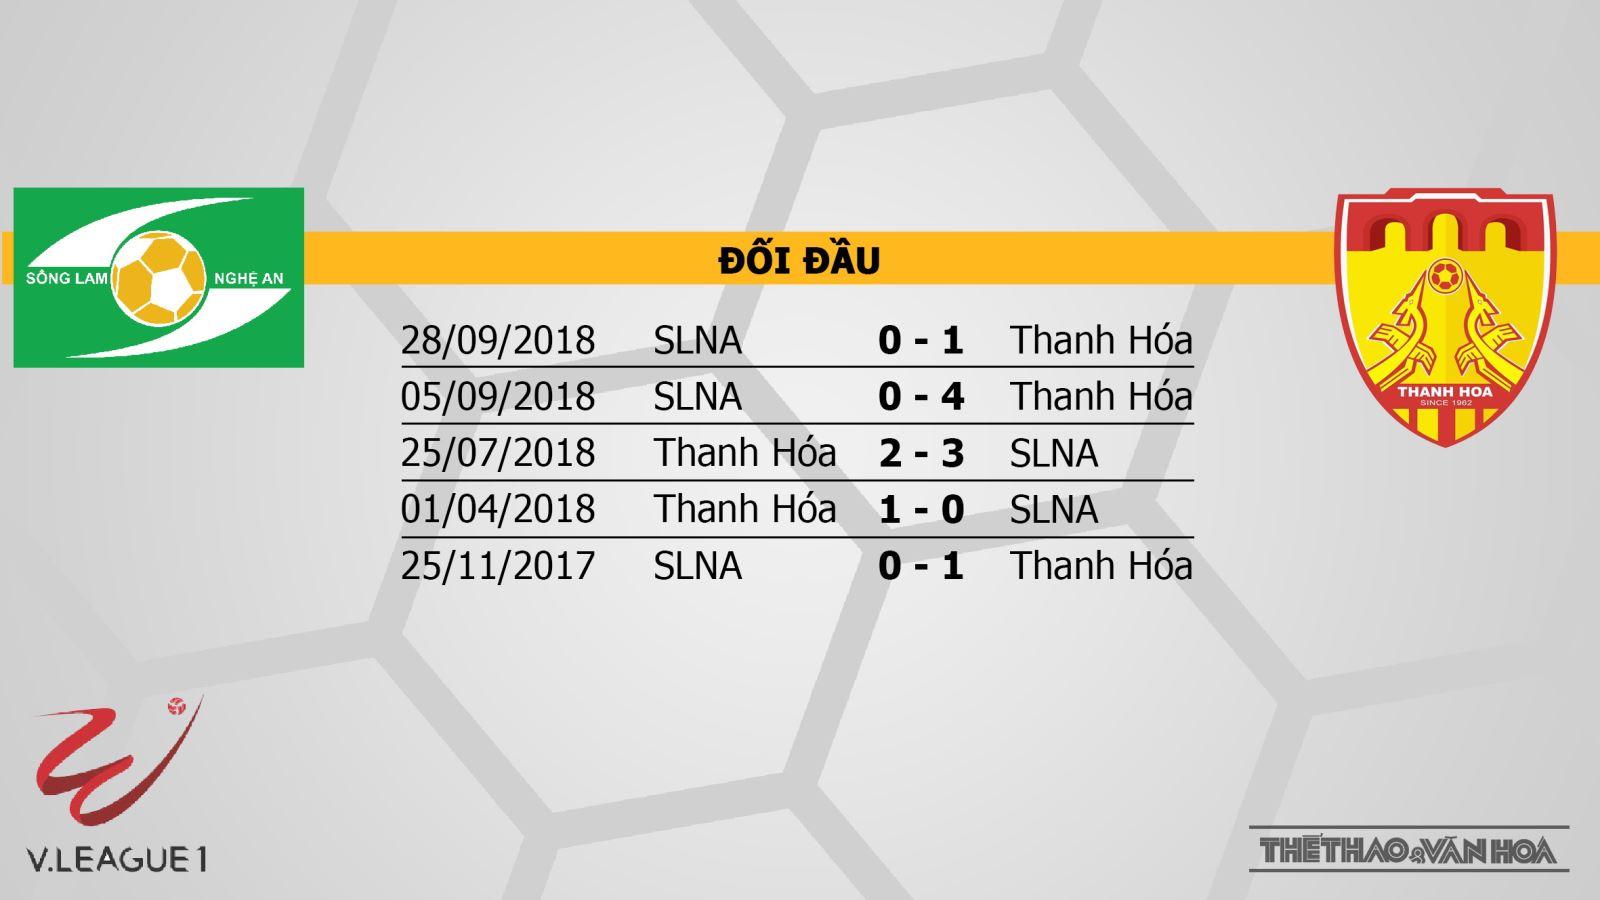 SLNA vs Thanh Hóa, SLNA, truc tiep bong da, trực tiếp bóng đá, truc tiep SLNA vs Thanh Hóa, VTV6, SLNA, link truc tiep SLNA, xem truc tiep VLeague 2019